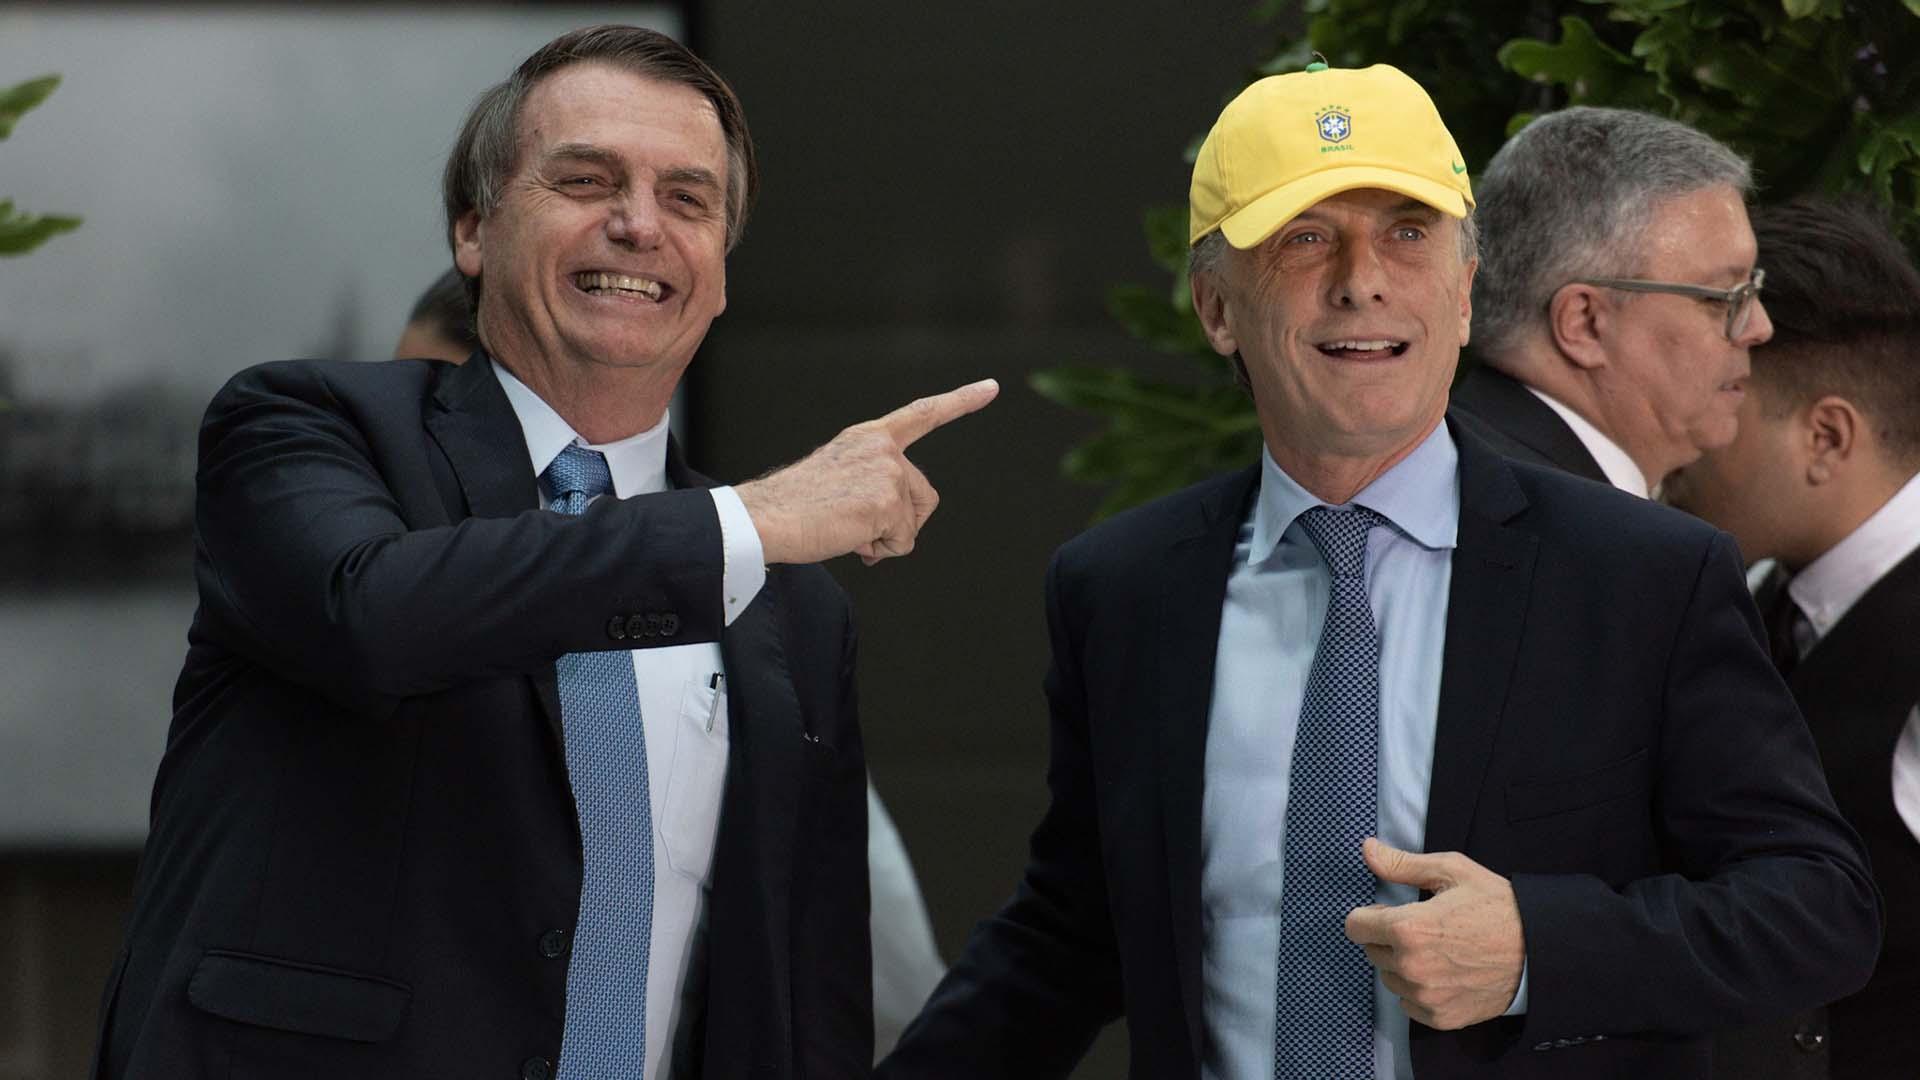 Bolsonaro, un depredador de cuerpos y almas contra la vigencia de la soberanía popular en Argentina